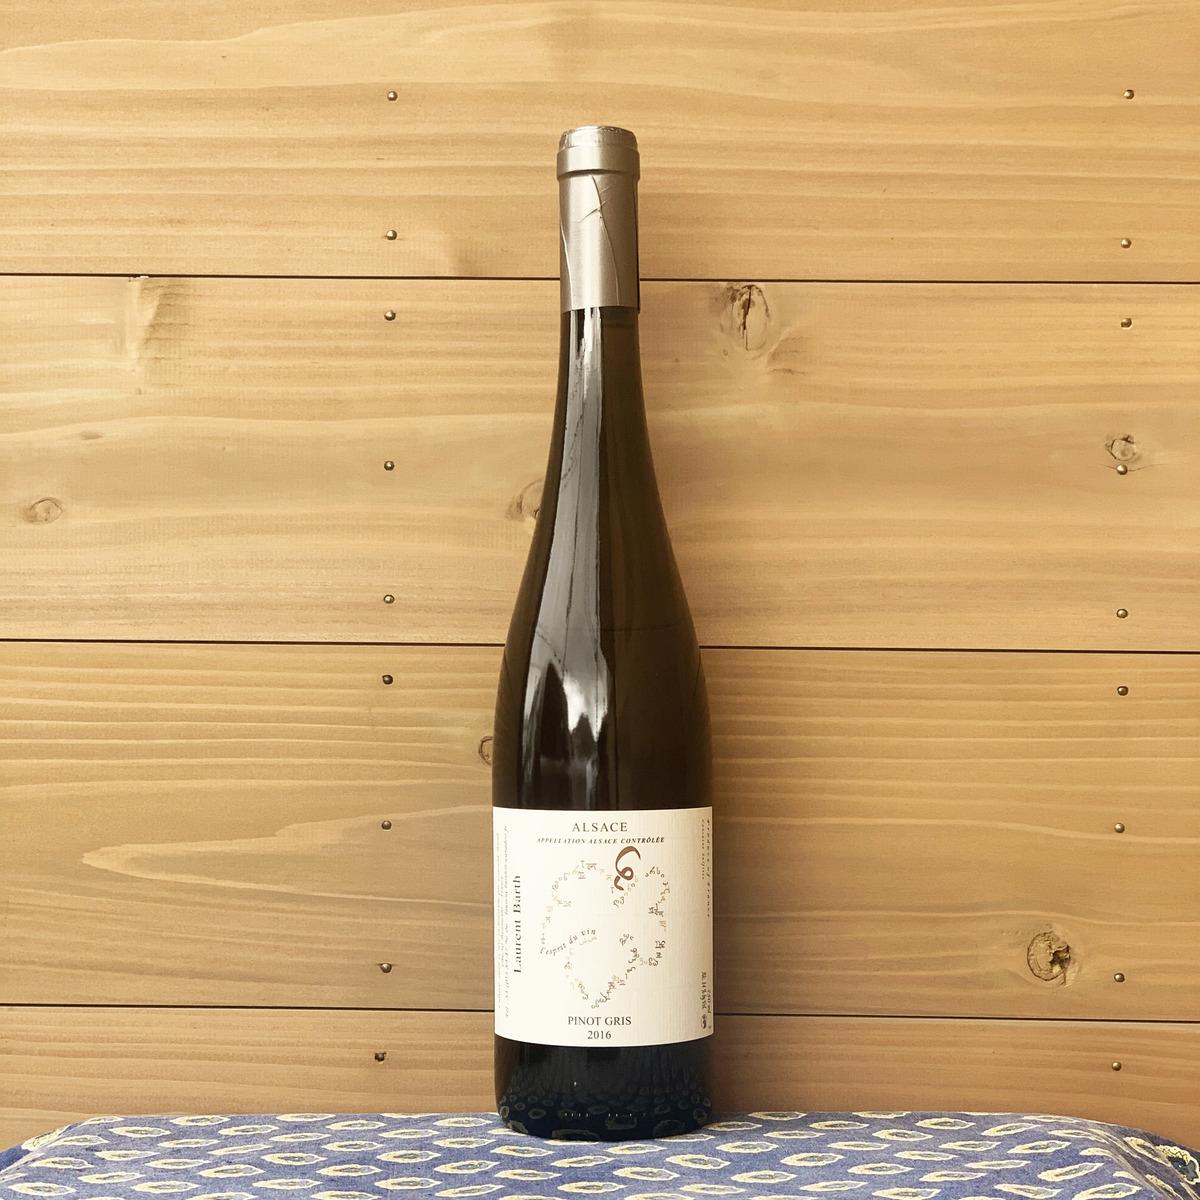 バランスが良いだけでなく ピノ グリらしい厚みもあります 人気の生産者です NEW ARRIVAL アルザス地方 フランス キャンペーンもお見逃しなく '15 白ワイン グリ ローラン バルツ 自然派ワイン